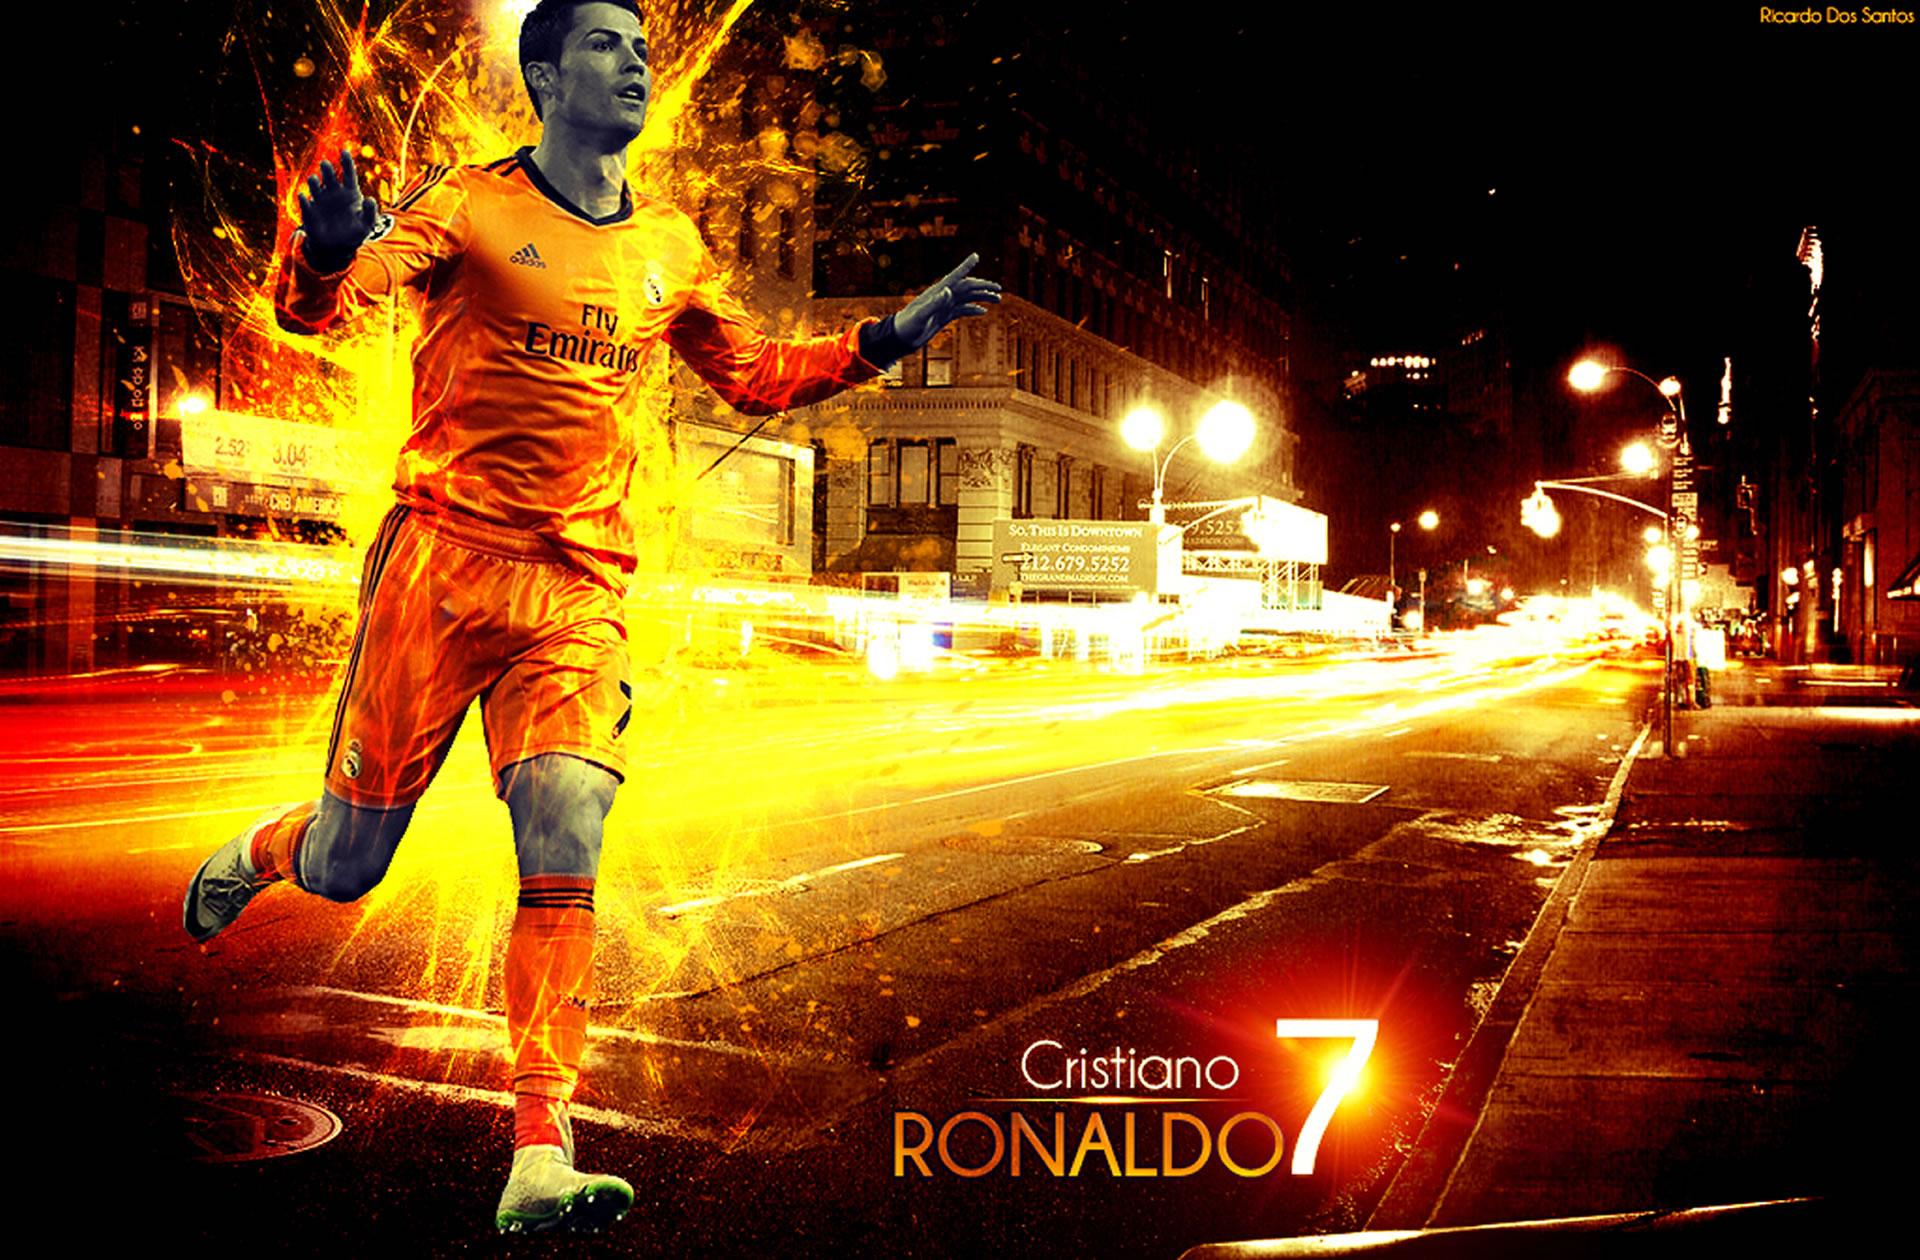 Cristiano Ronaldo wallpaper by Ricardo Dos Santos